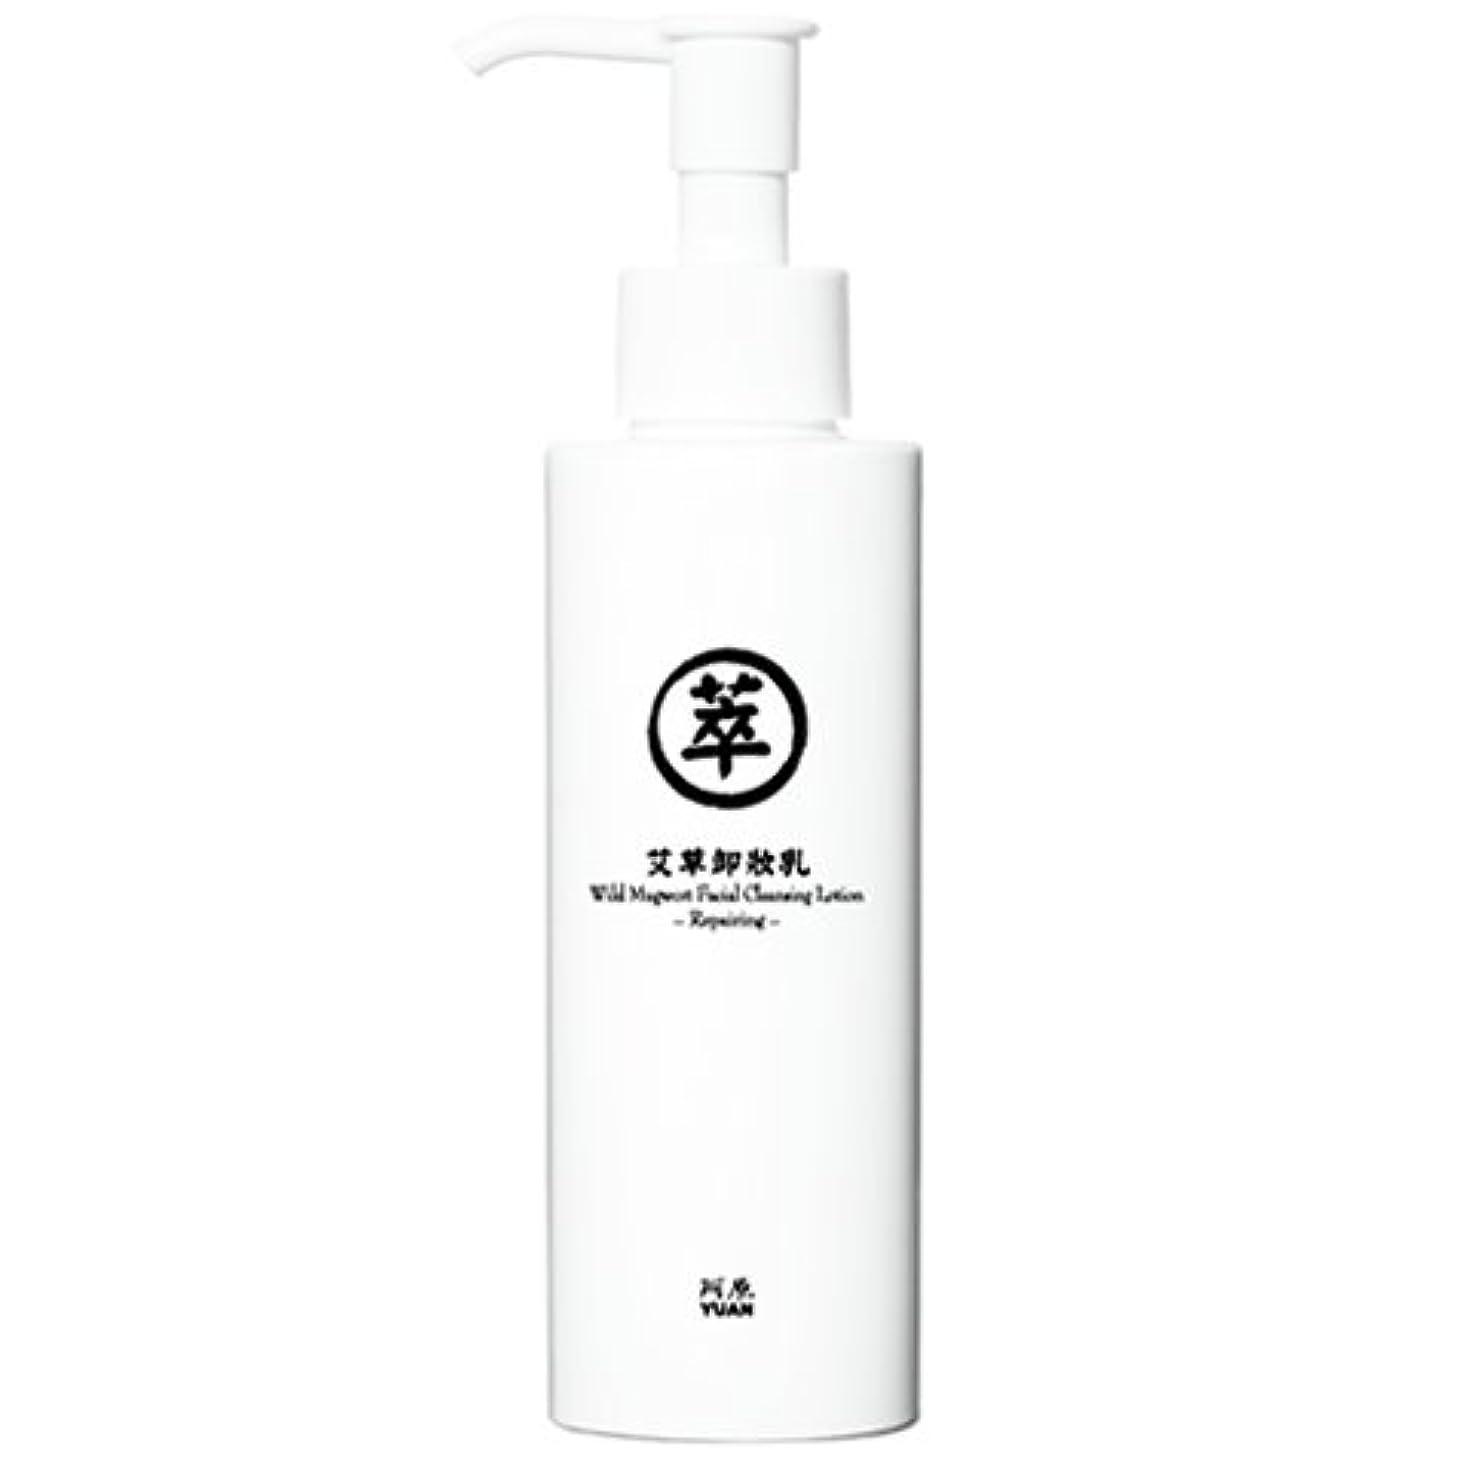 定規何かアシュリータファーマンユアン(YUAN)ヨモギクレンジングミルク 150ml(阿原 ユアンソープ 台湾コスメ)